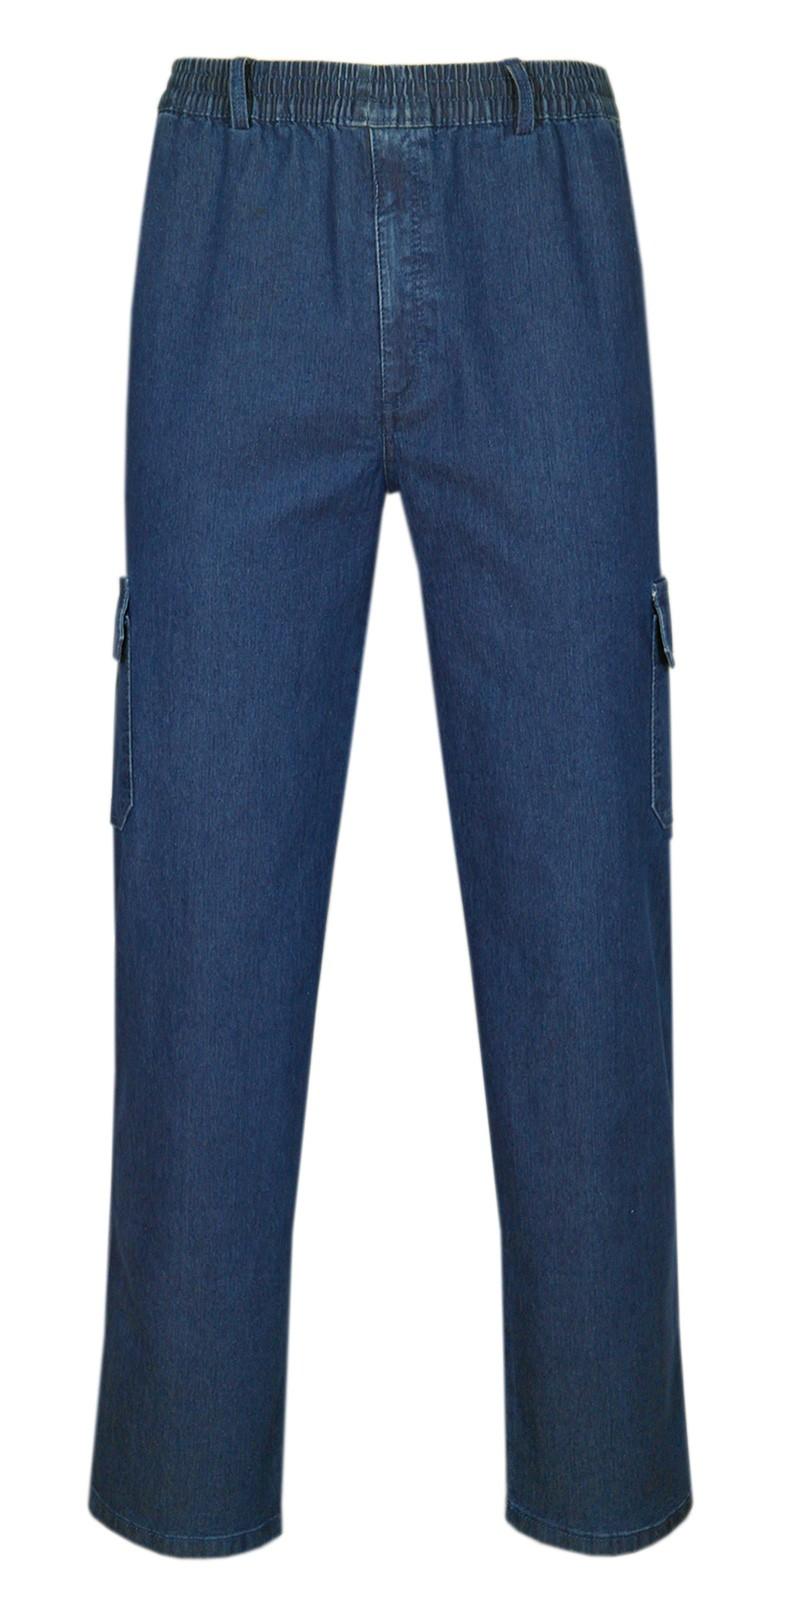 Herren Jeans Stretch Schlupfhose Schlupfjeans mit Gummizug Freizeithose - Blue-Frontansicht